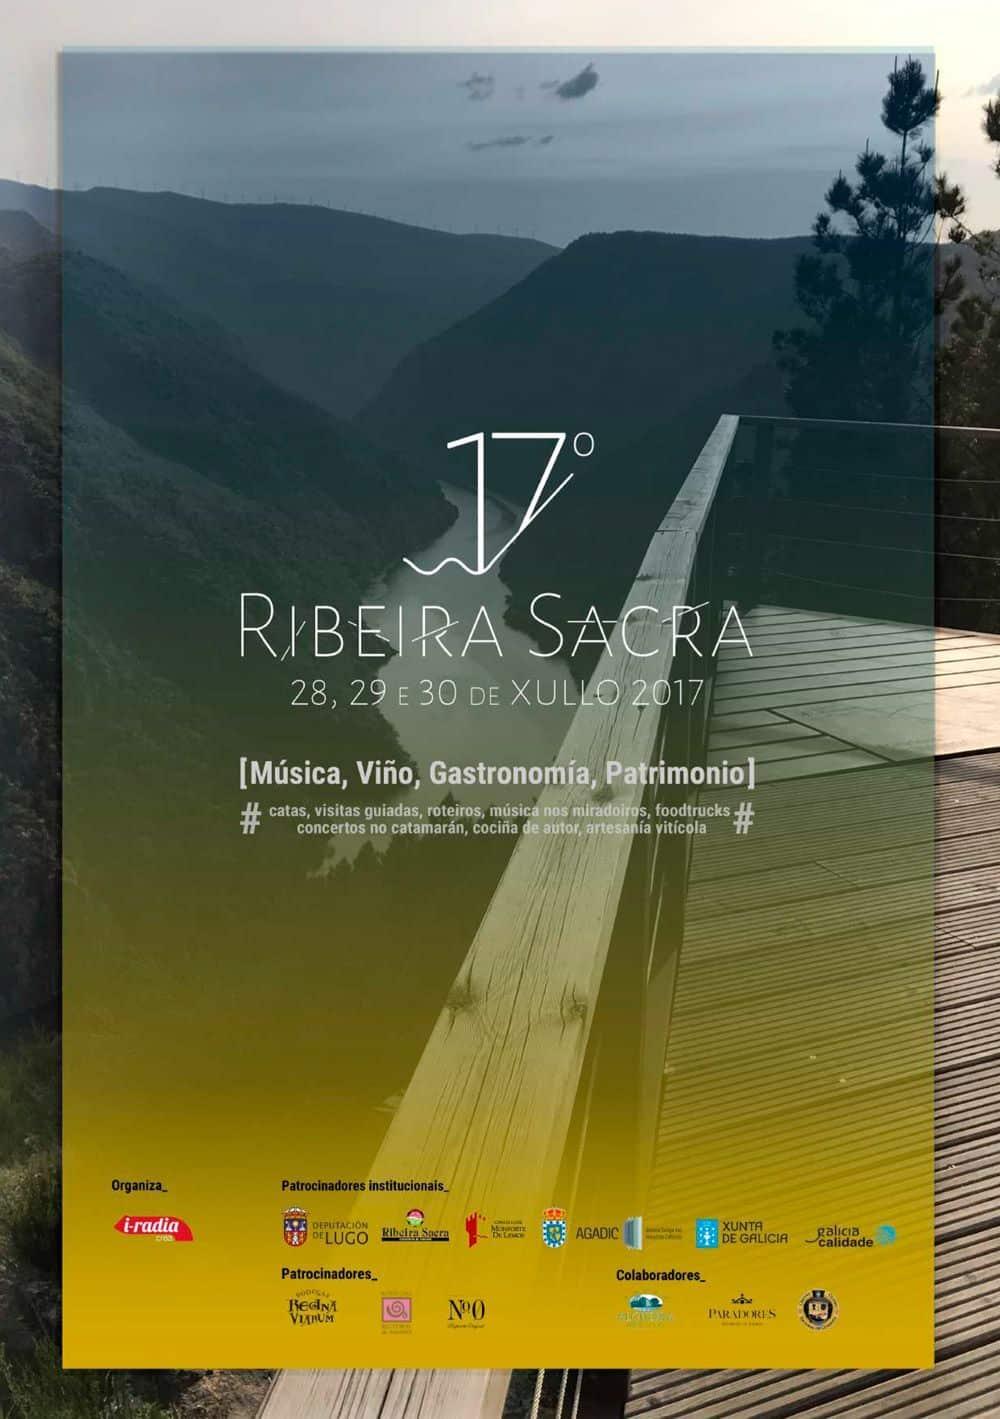 Festival de música 17º Ribeira Sacra